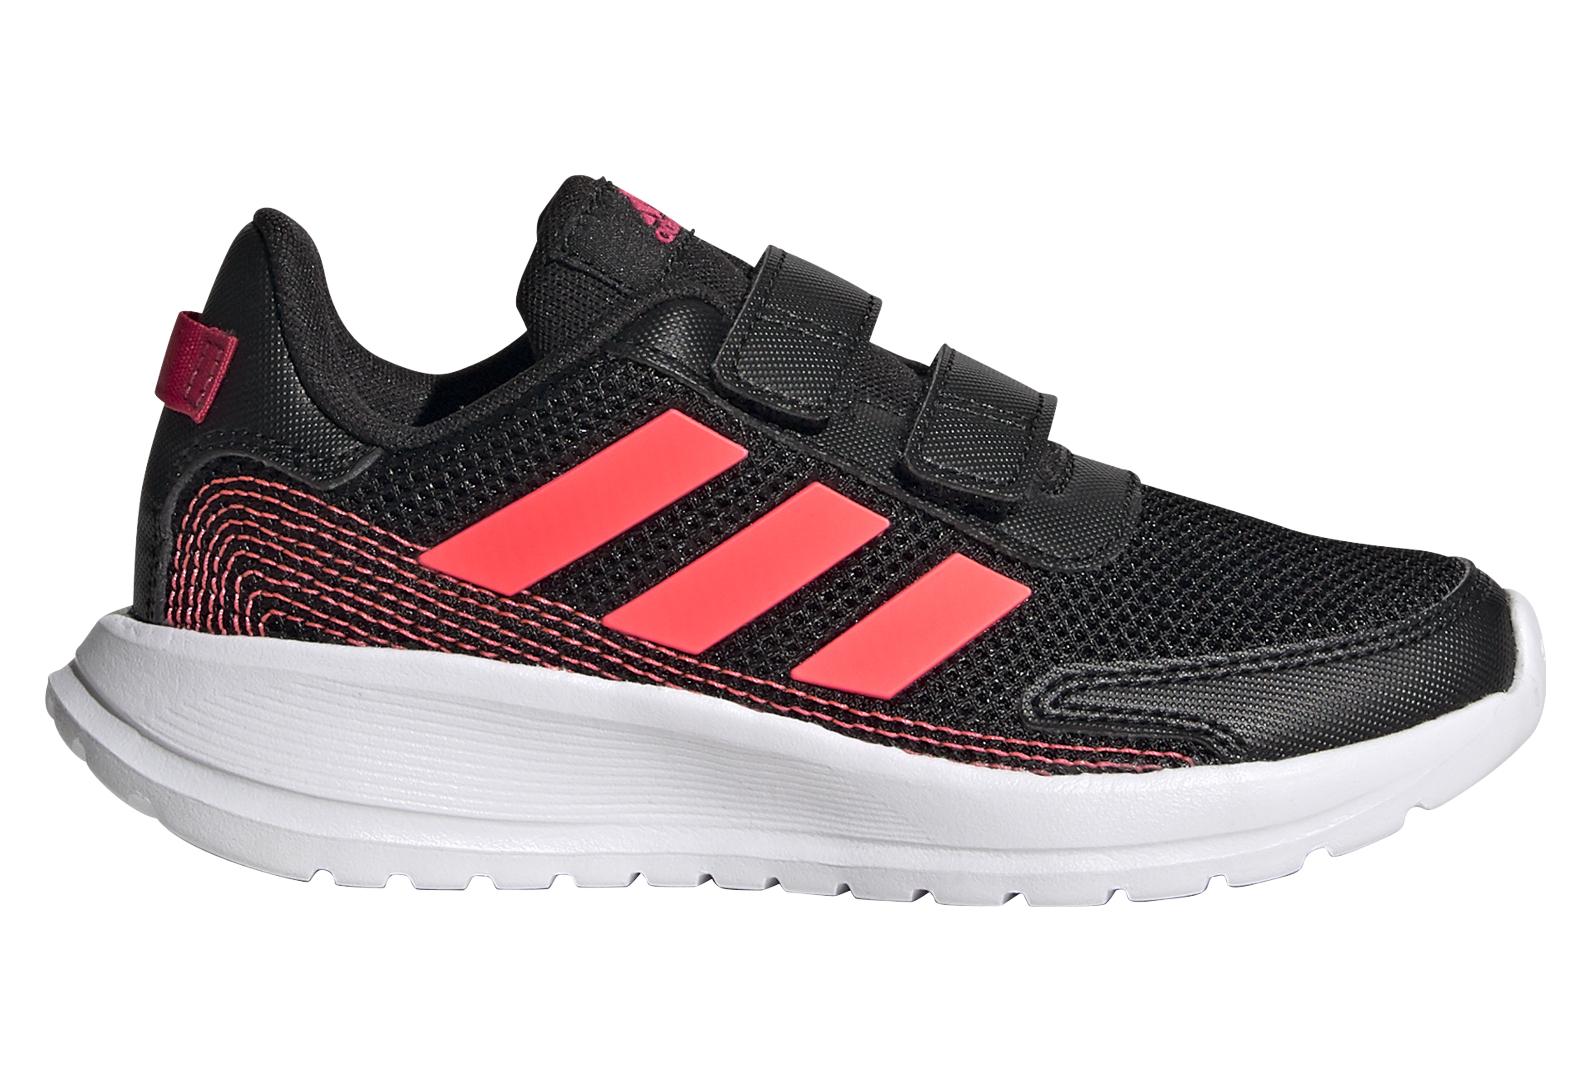 Chaussures scratch kid adidas Tensor | Alltricks.com